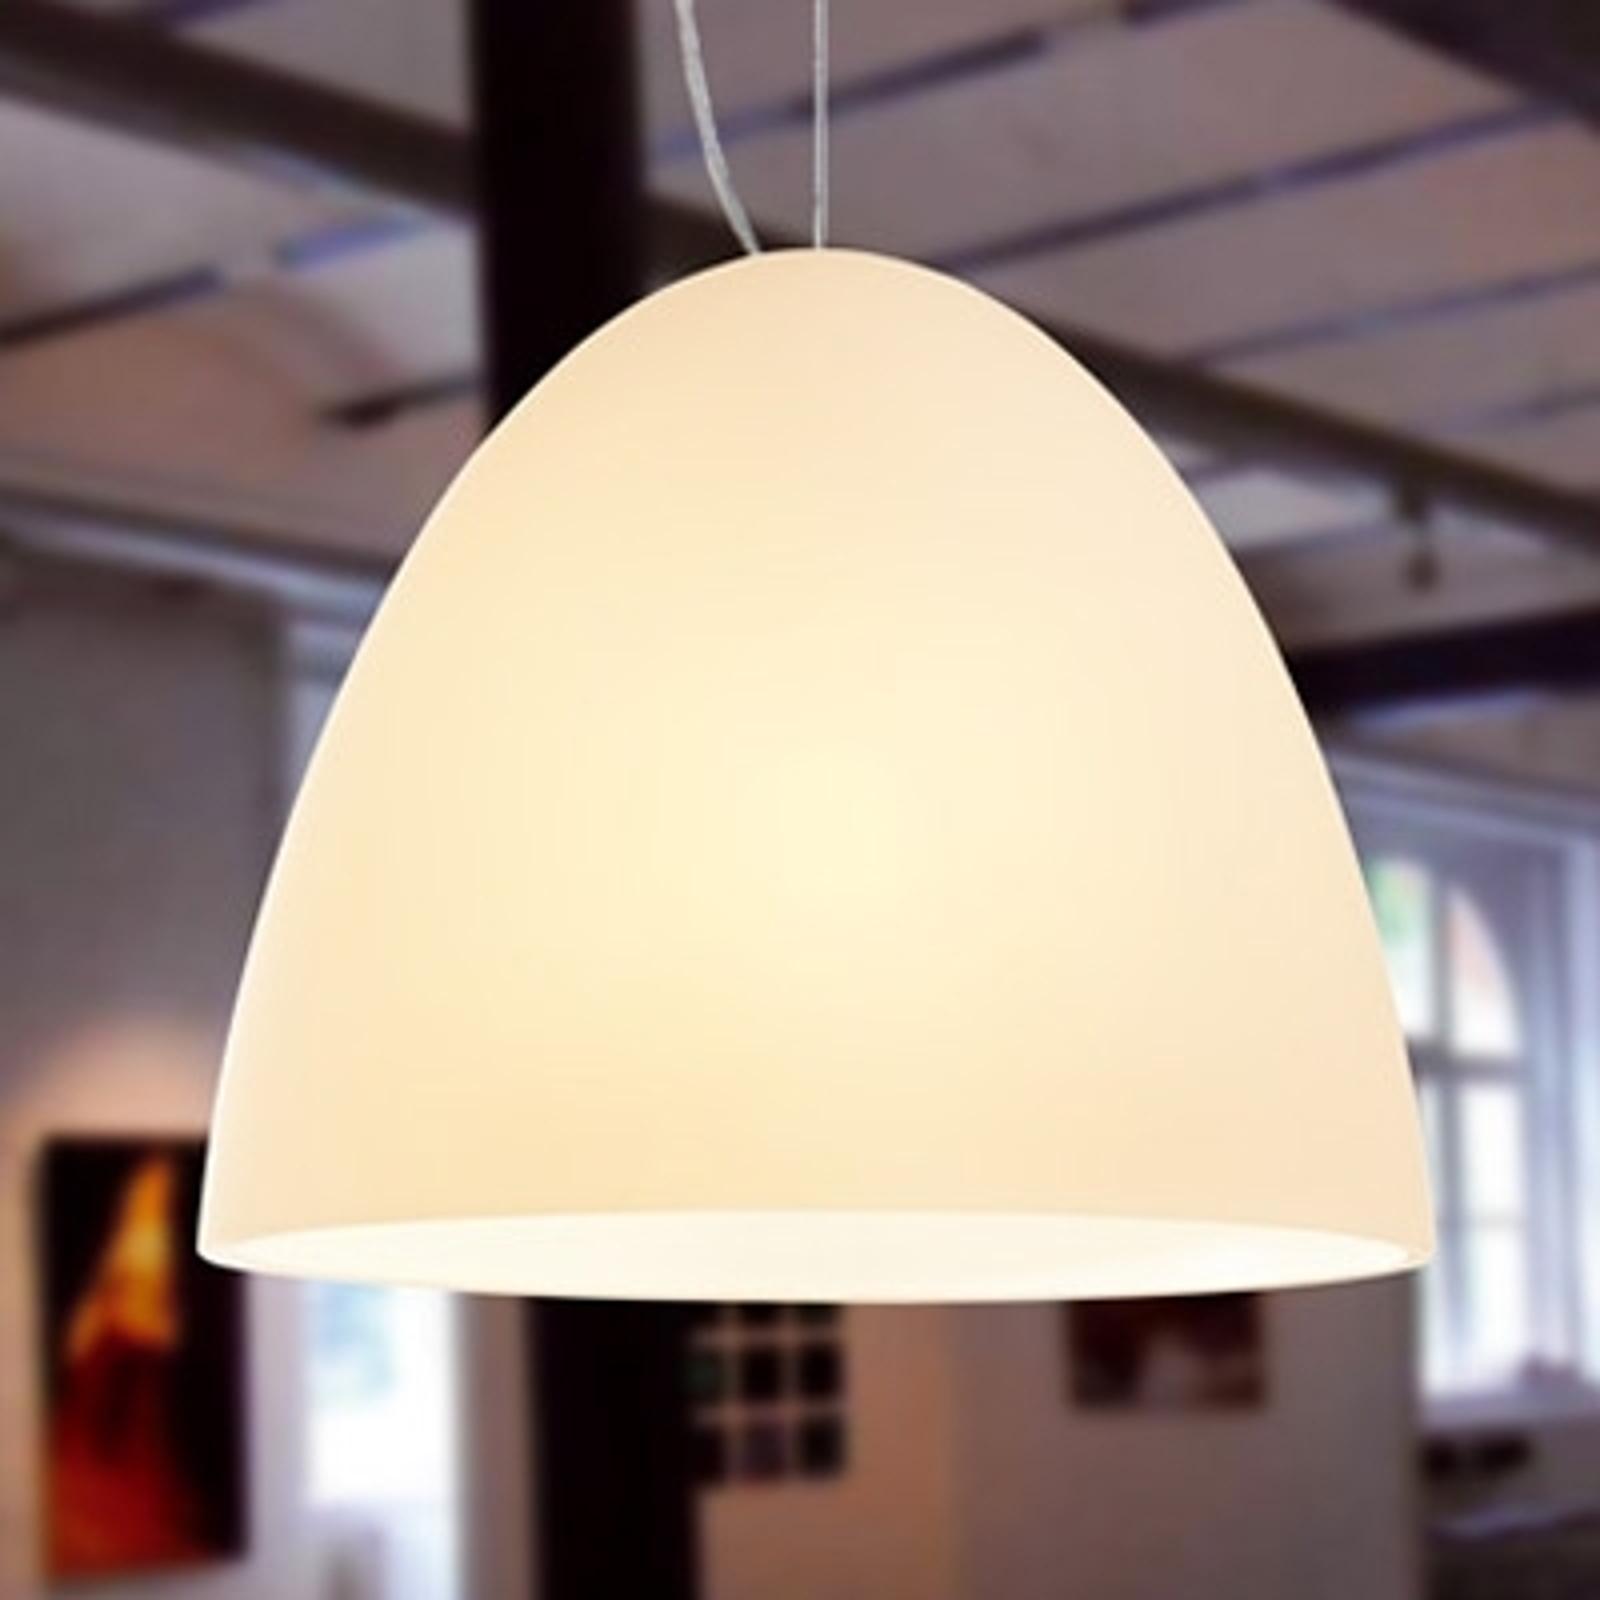 BELL - sandfarvet hængelampe med 1 lys, 21 cm